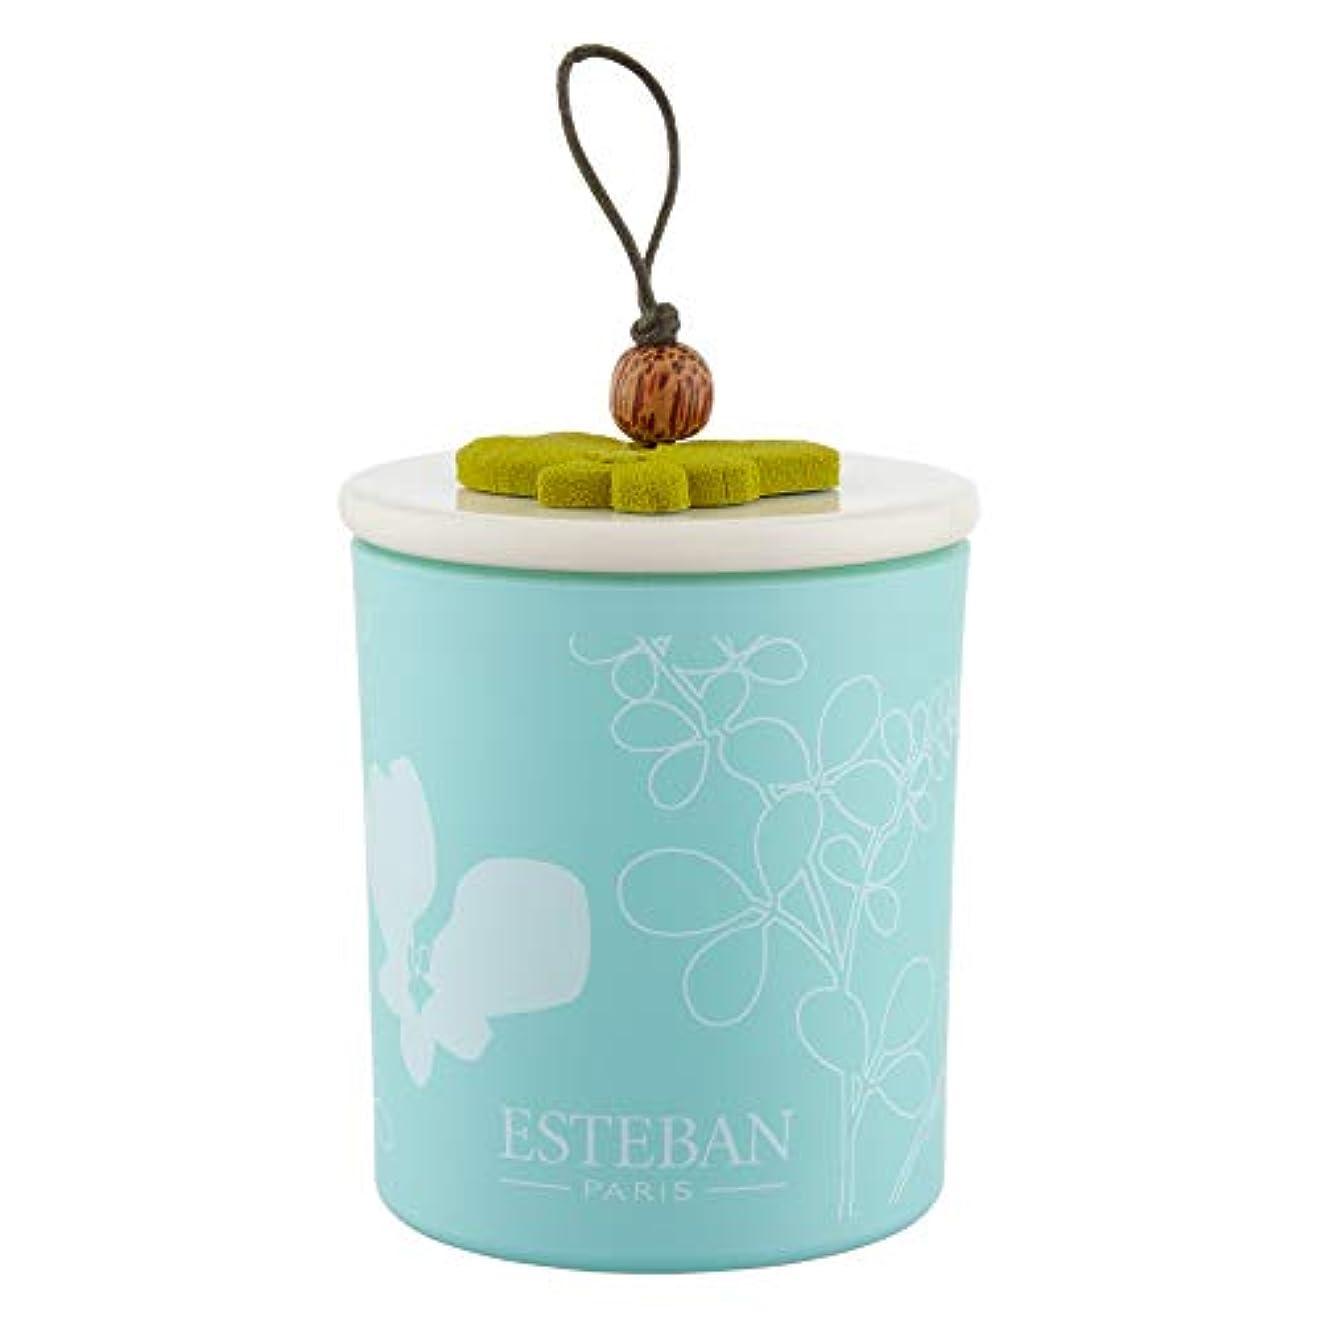 迷路シャツ木曜日[Esteban ] エステバンは、装飾されたキャンドル170グラムを香りOrchidee - Esteban Orchid?e Scented Decorated Candle 170g [並行輸入品]